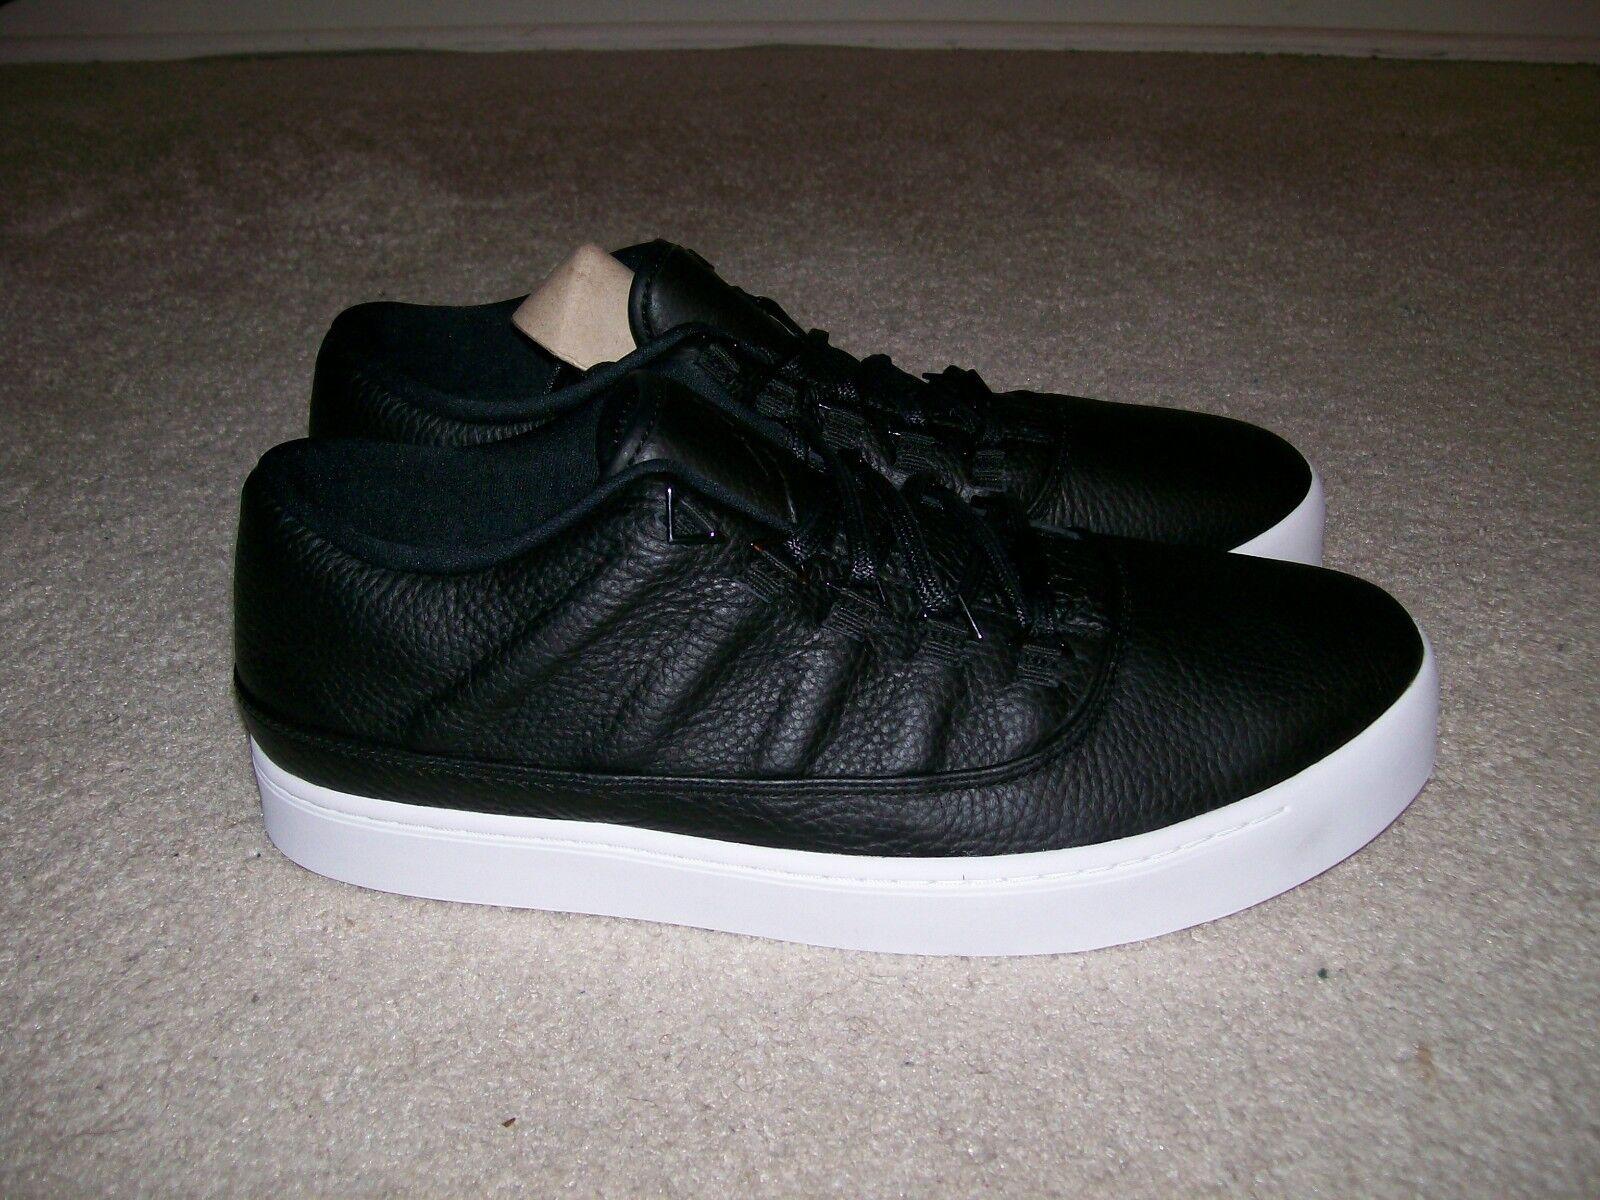 NEW homme SZ 10.5 Nike Air Jordan Westbrook 0 faible WHY NOT noir blanc 850772-010